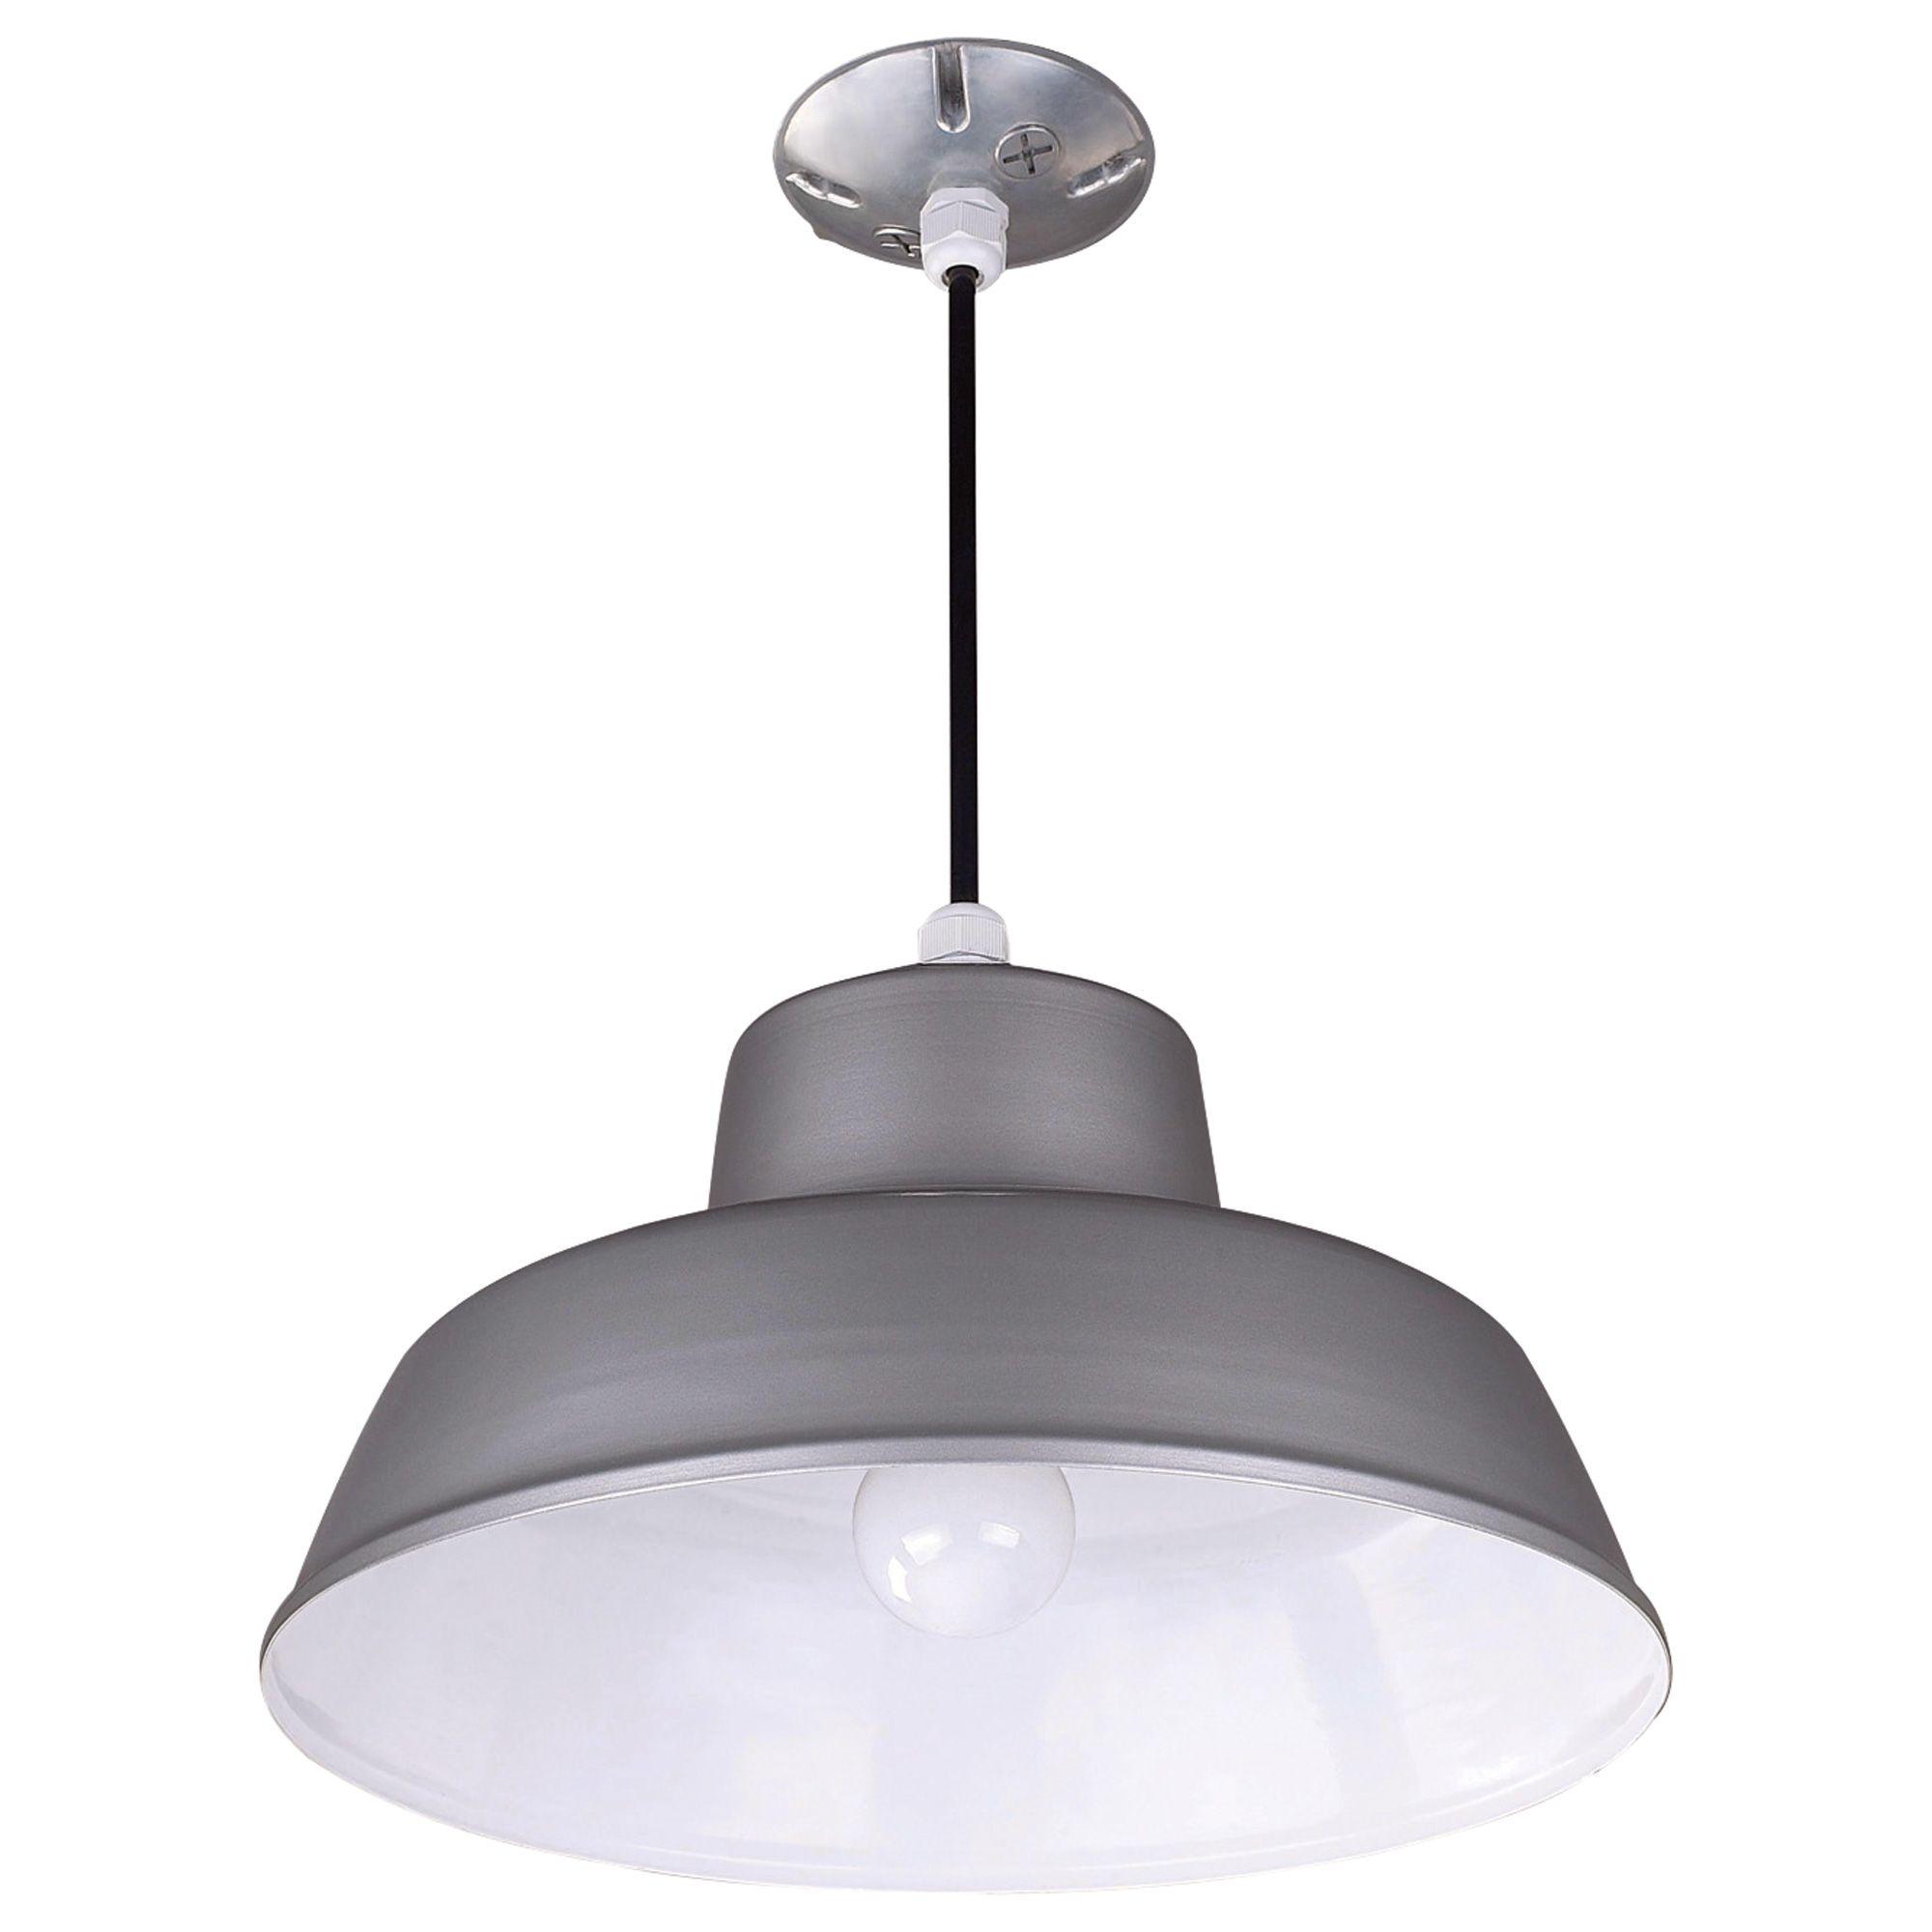 Outdoor Hanging Barn Lights: Canarm Hanging Ceiling Outdoor/Indoor Barn Light 14 3/8in